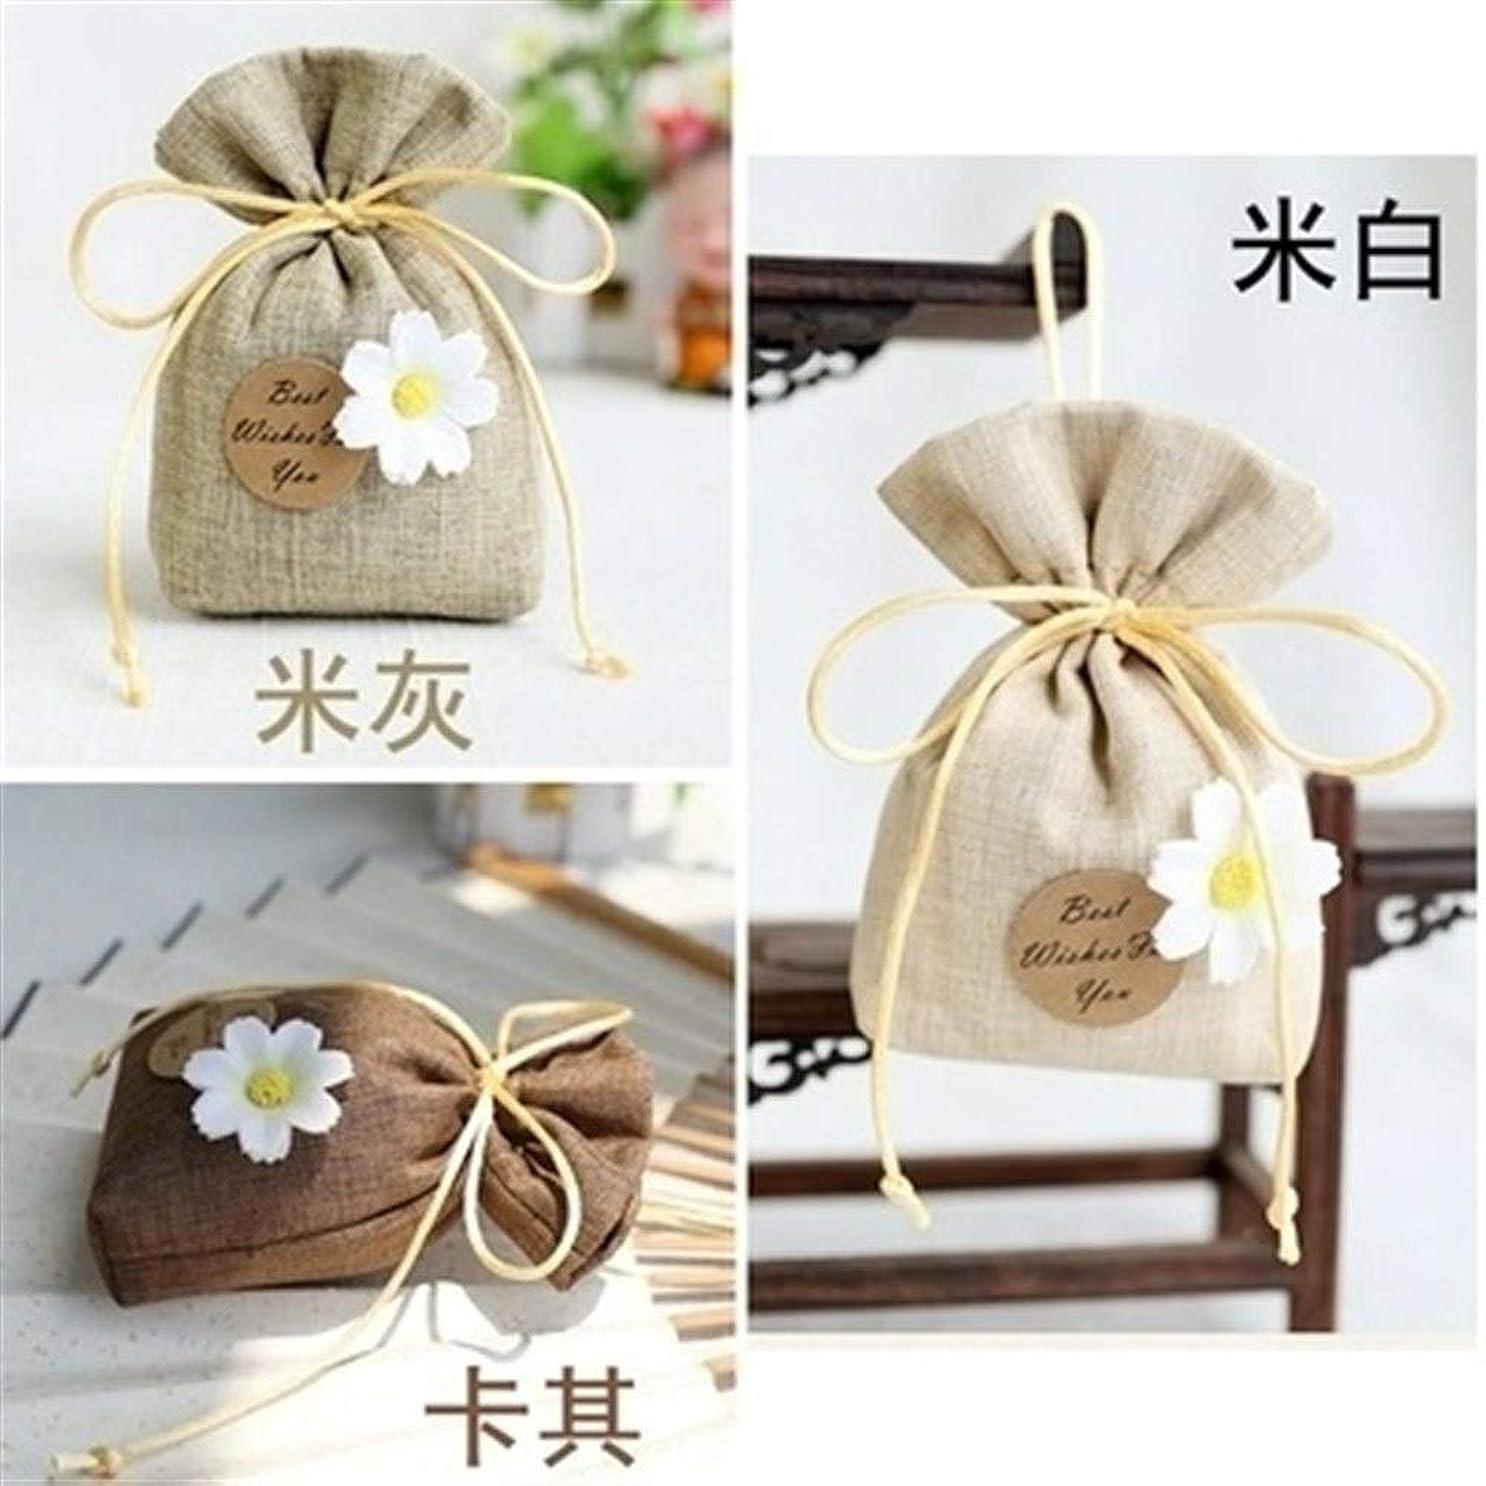 一致胸不名誉Gardenia/Clove/Gulongの芳香の芳香の芳香剤の香料入りの磨き粉、ワードローブのための自然な芳香の芳香の芳香袋、車、 (Color : Khaki, Scent Type : Gardenia)